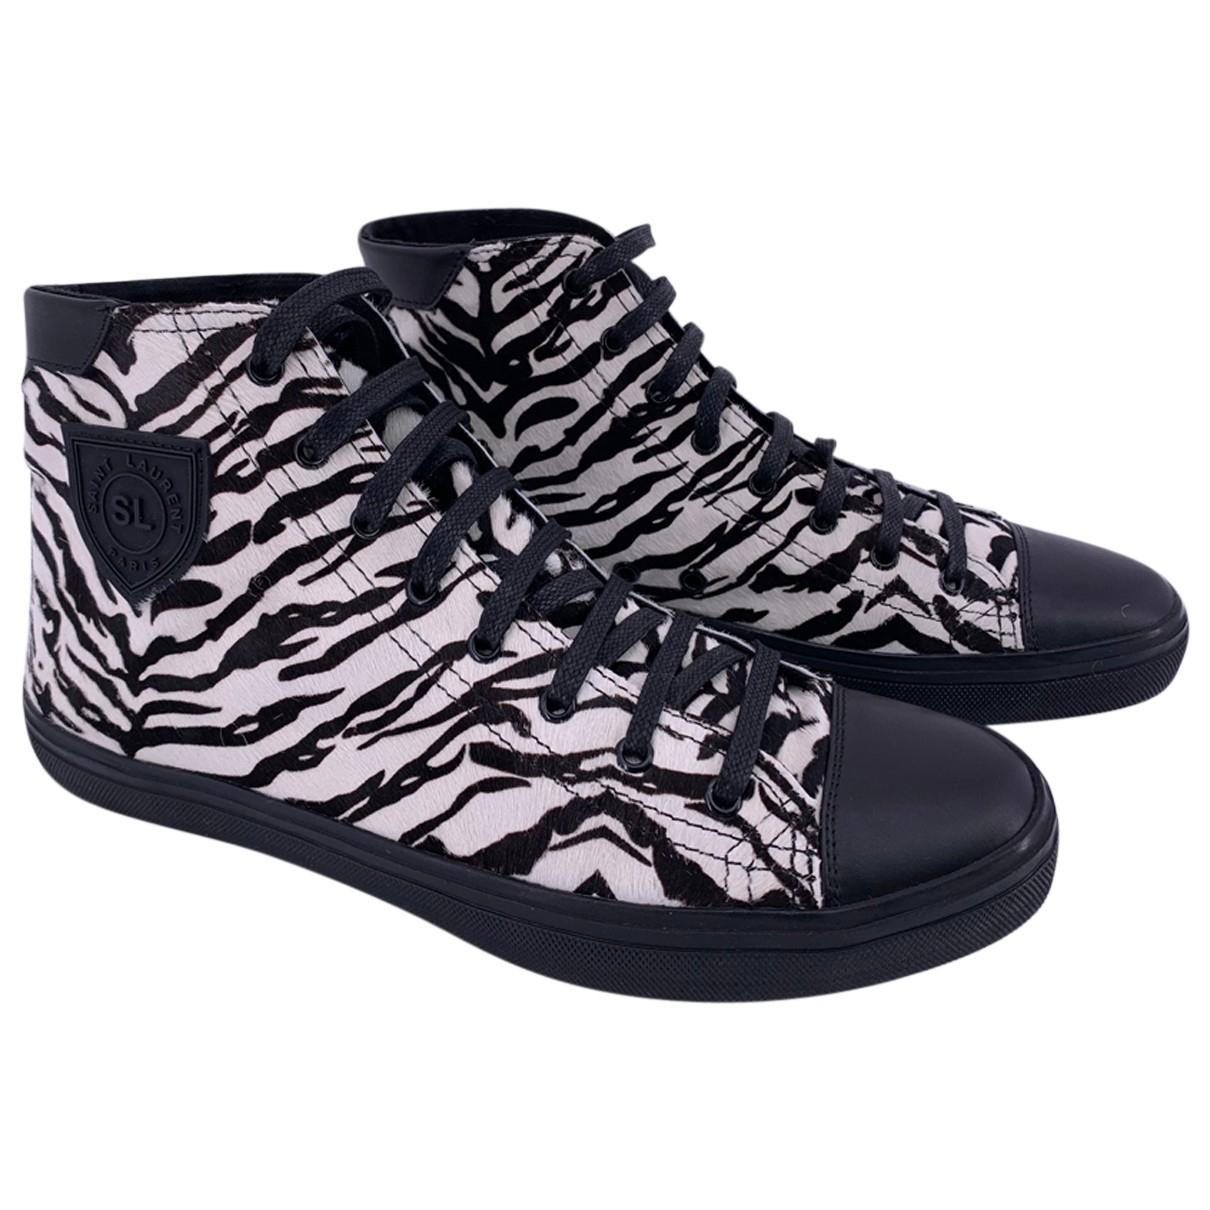 Yves Saint Laurent \N Sneakers in  Bunt Leder